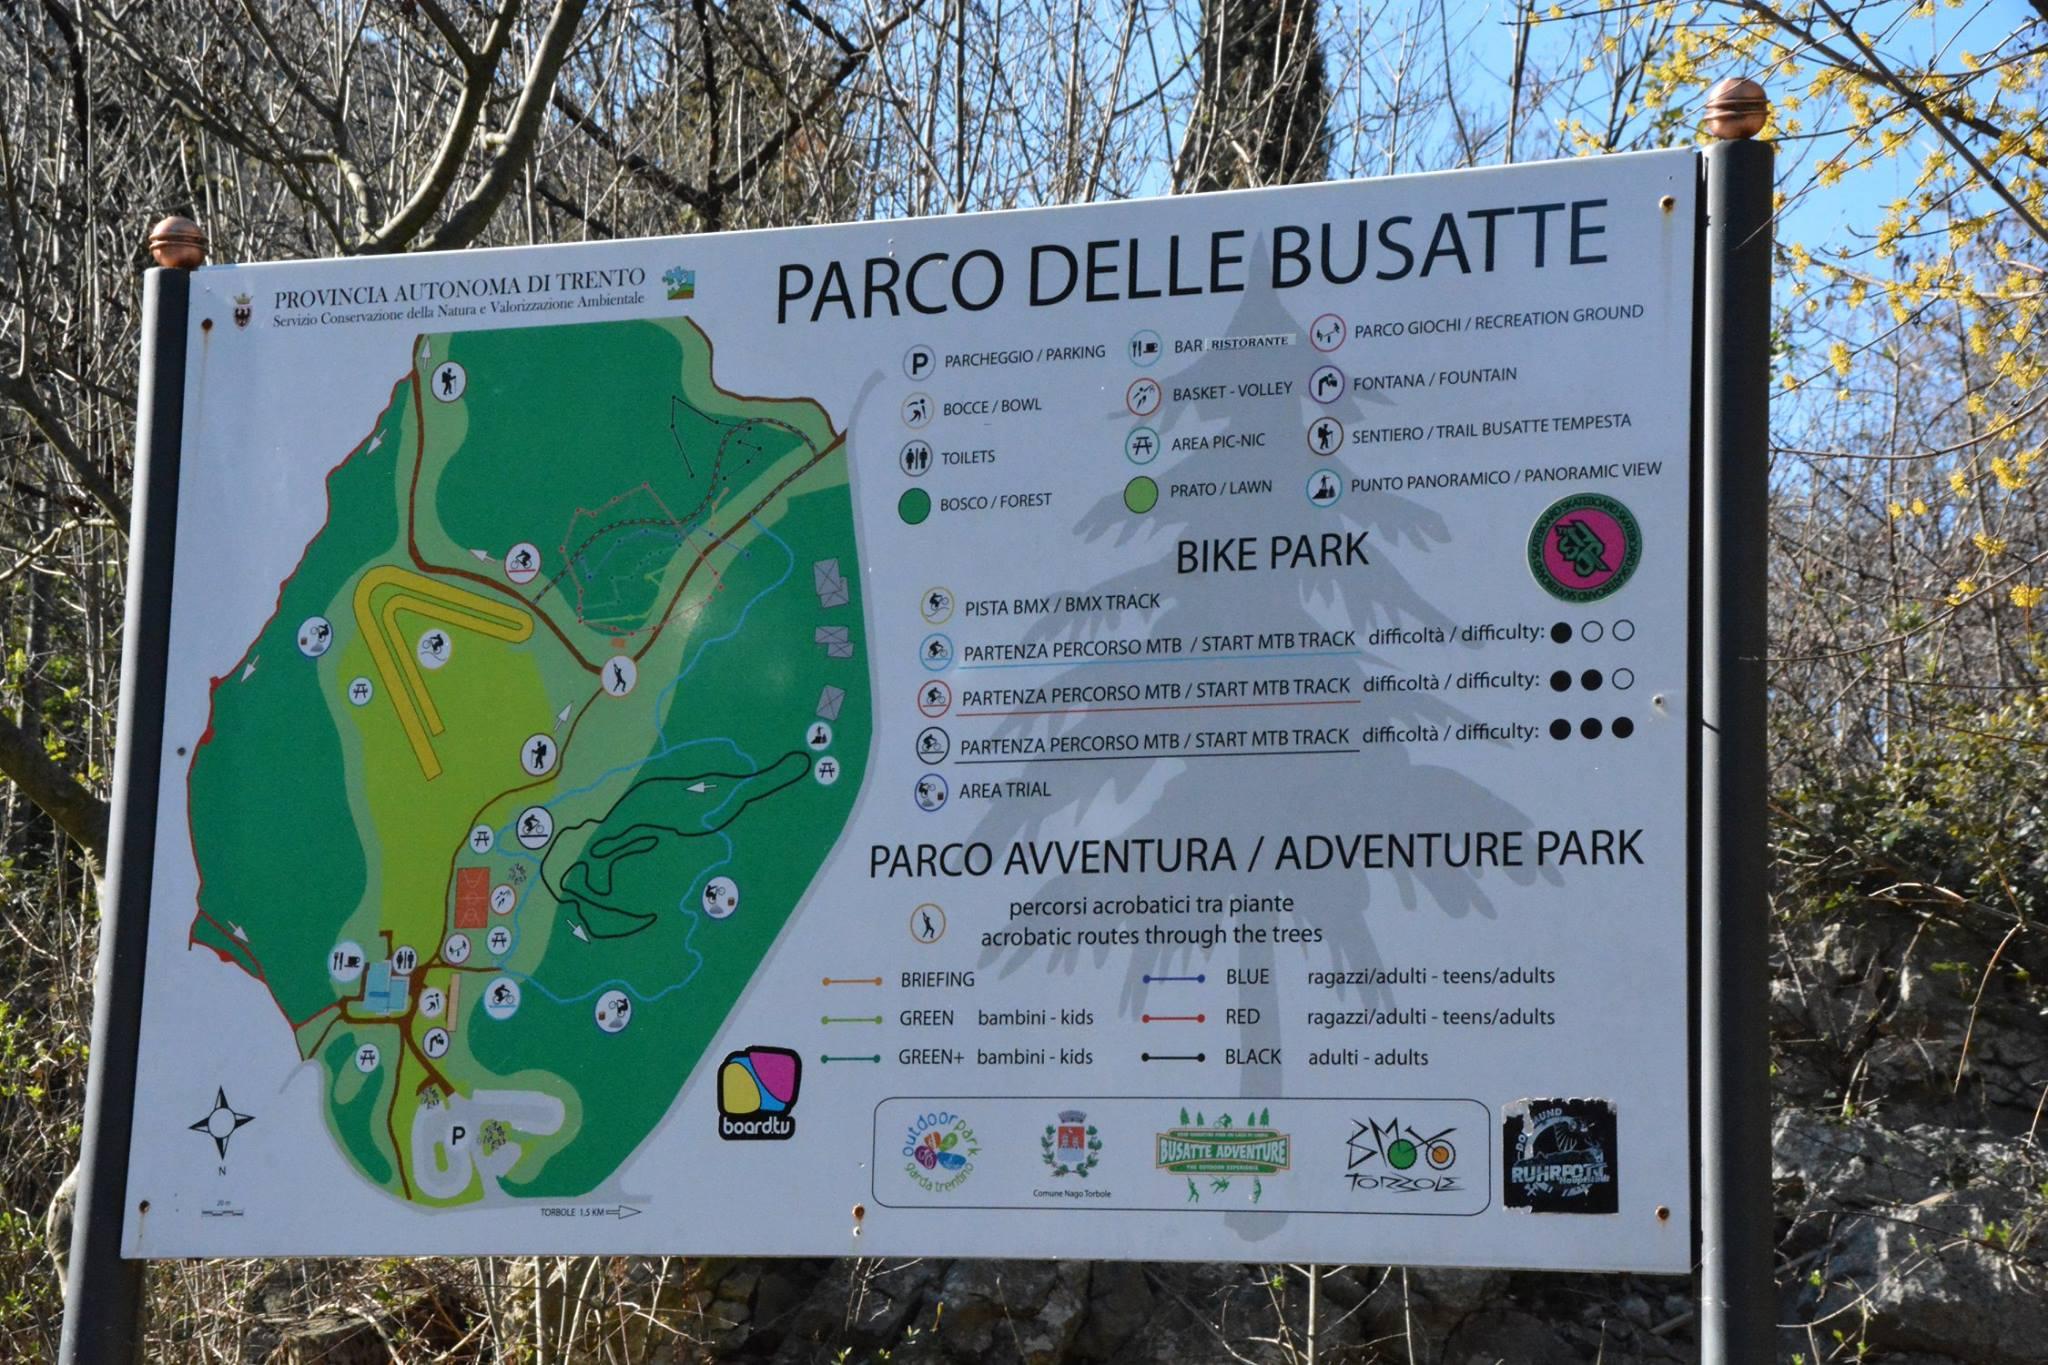 השלט של PARCO LE BUSATTE